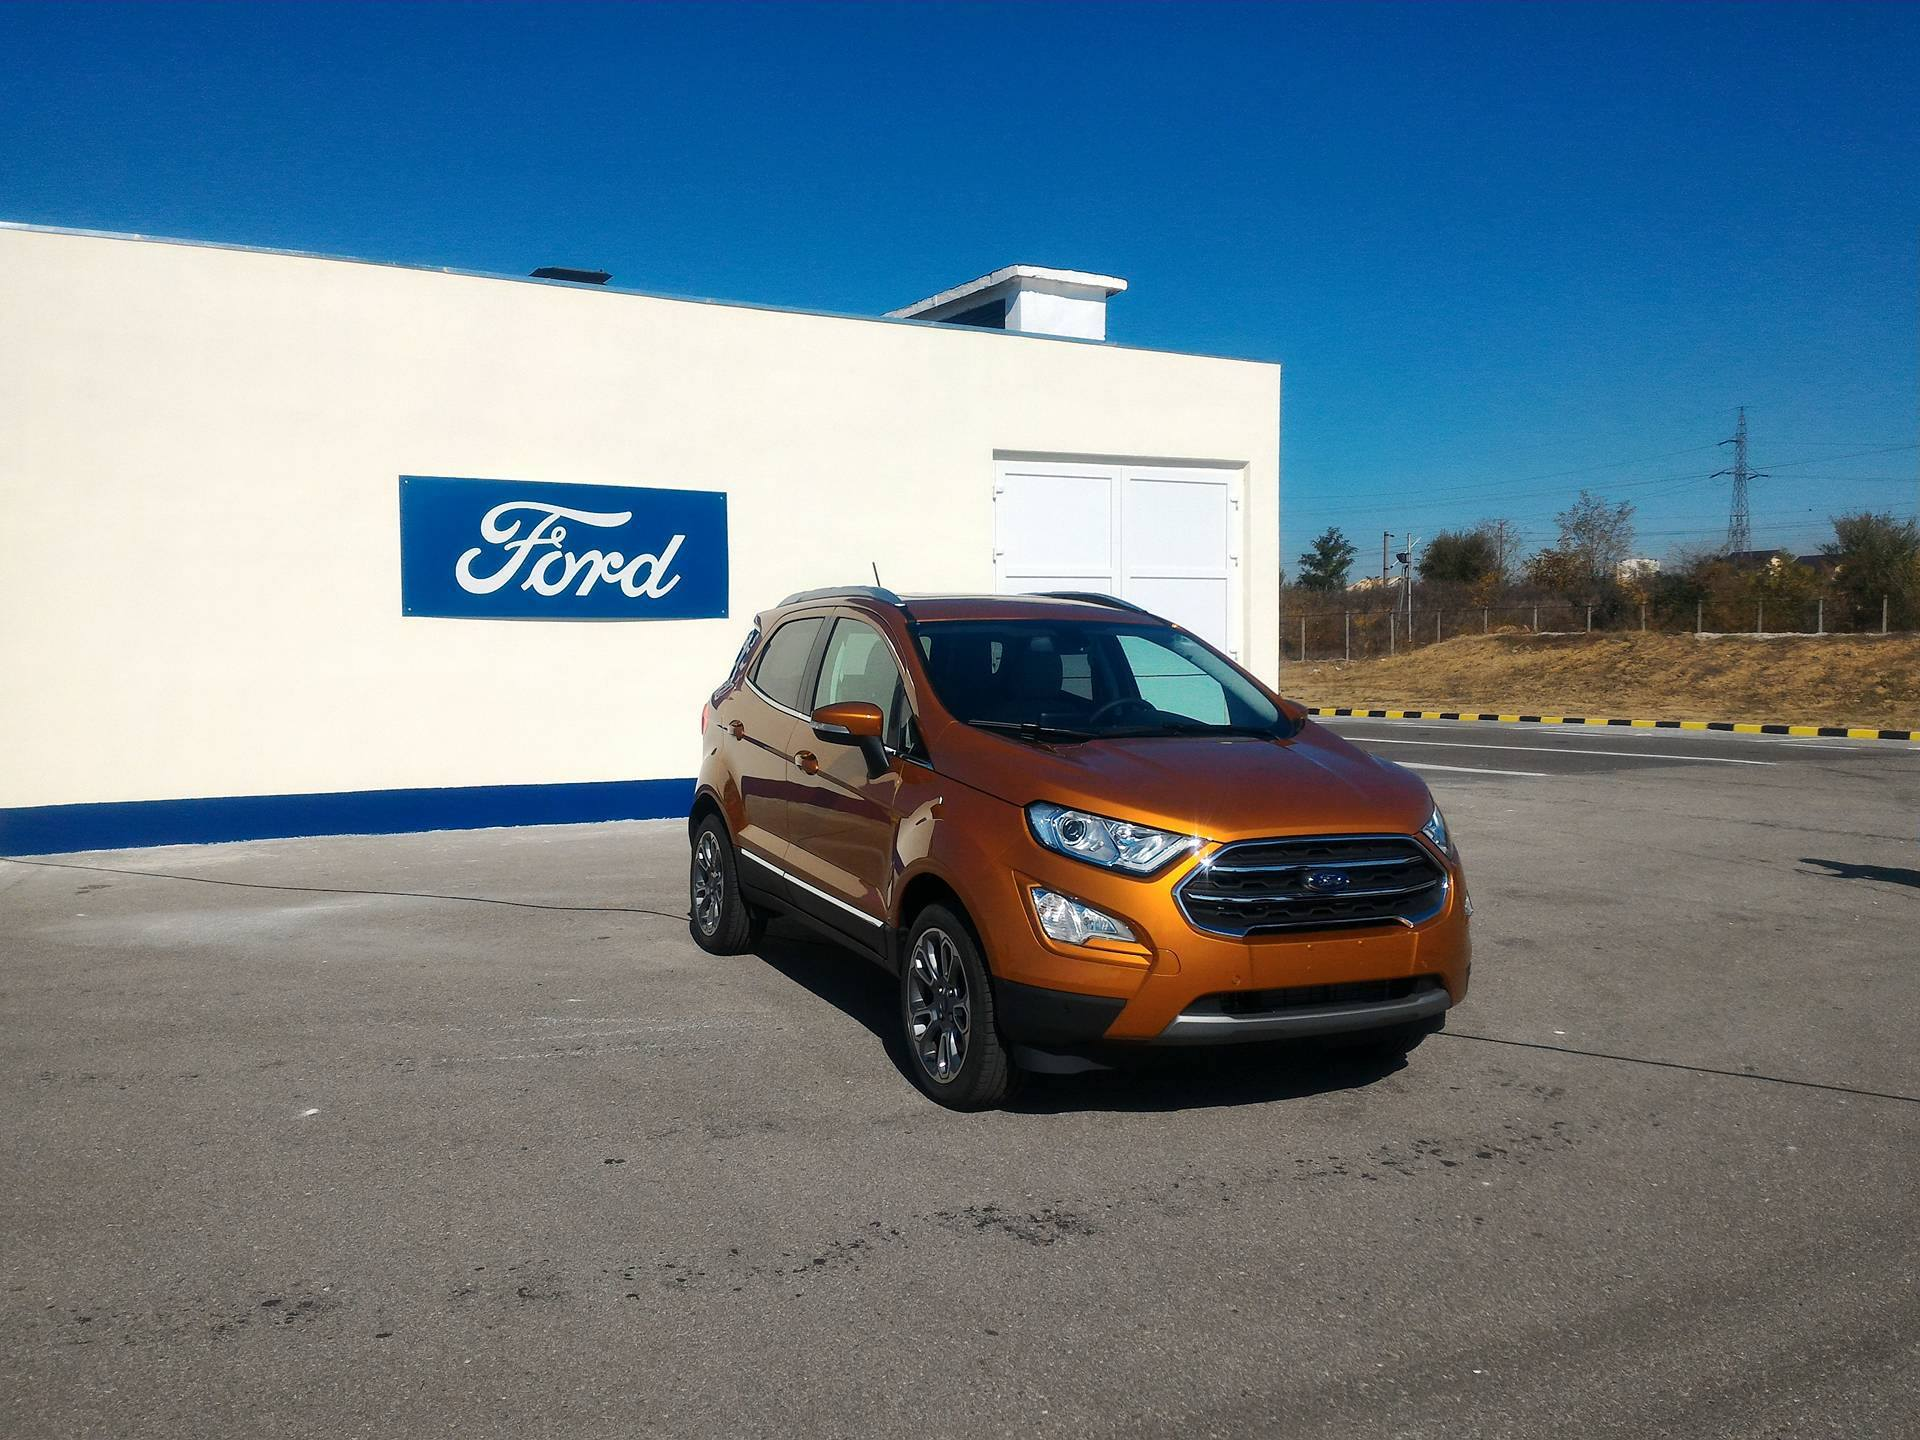 Ford Ecosport va aduce 2 miliarde de euro la Craiova. Cât la sută din componente provin din România